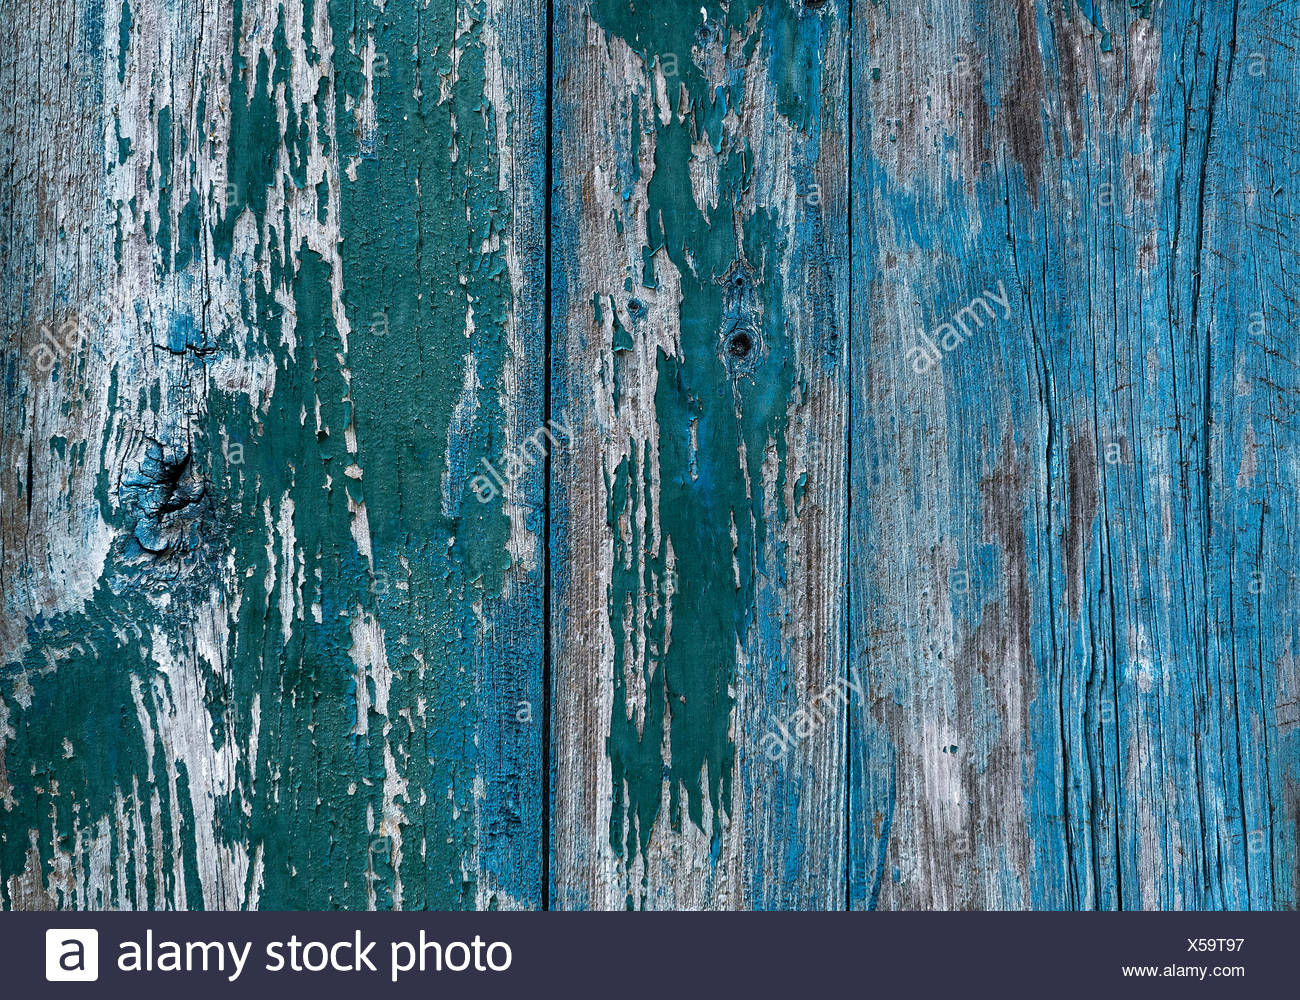 La texture de la peinture abstraite. Photo Stock